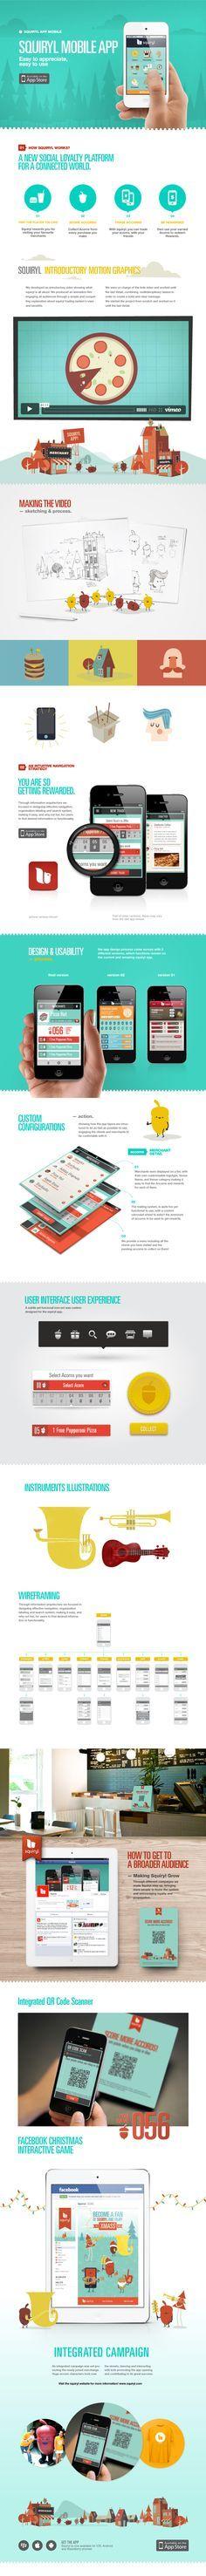 26 meilleures images du tableau UI Design en 2018 Icon design - Chambre De Commerce Franco Allemande